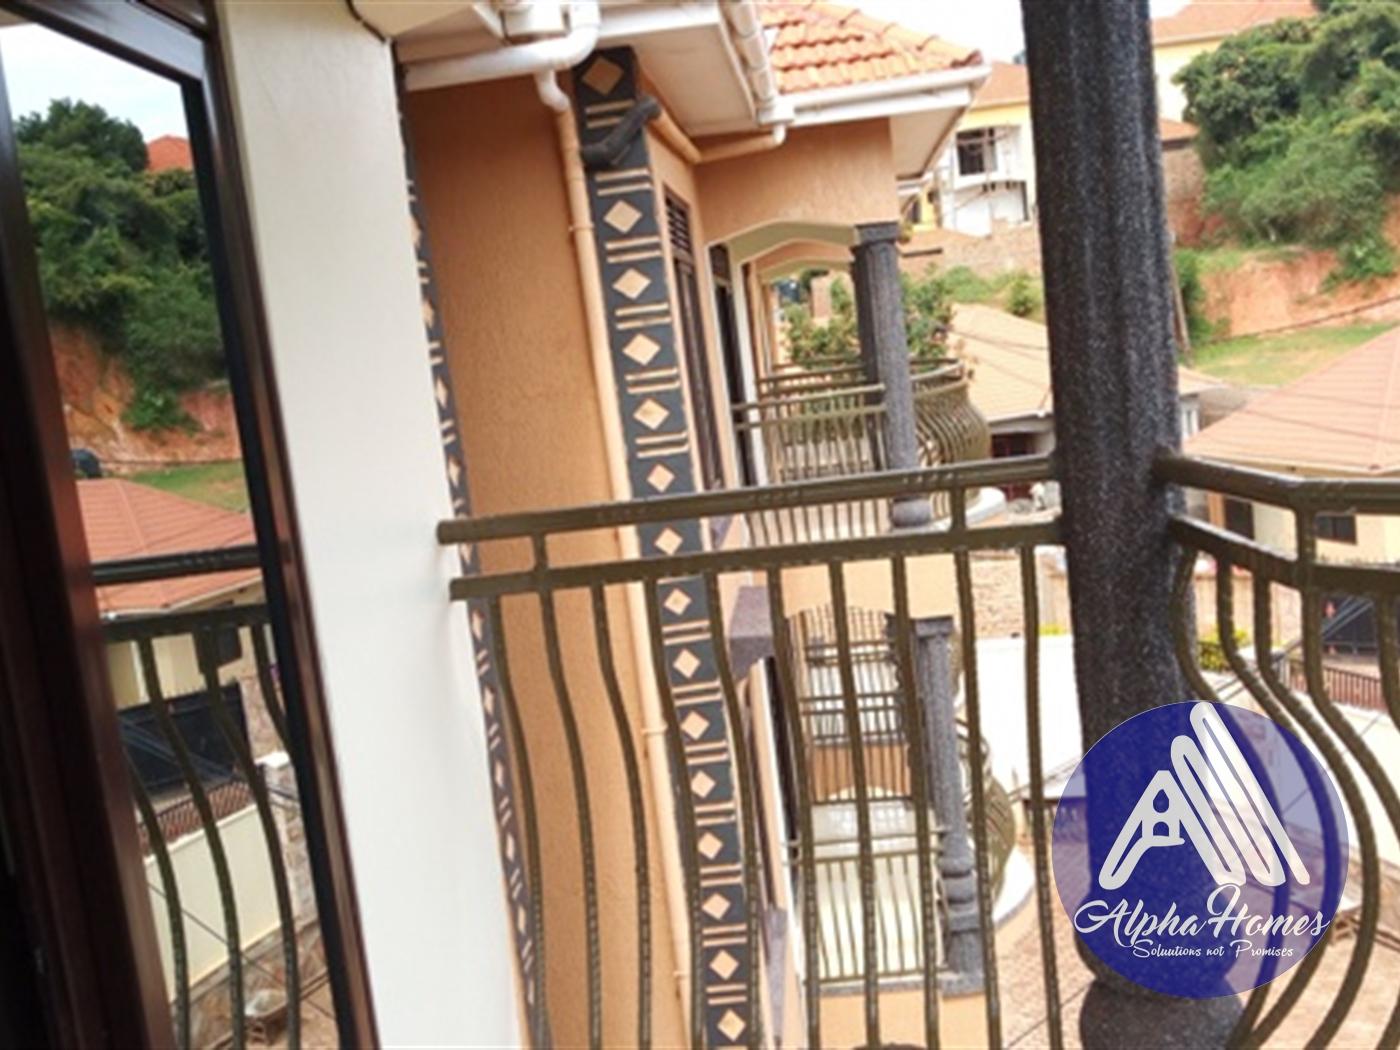 Apartment for rent in Munyonyo Kampala